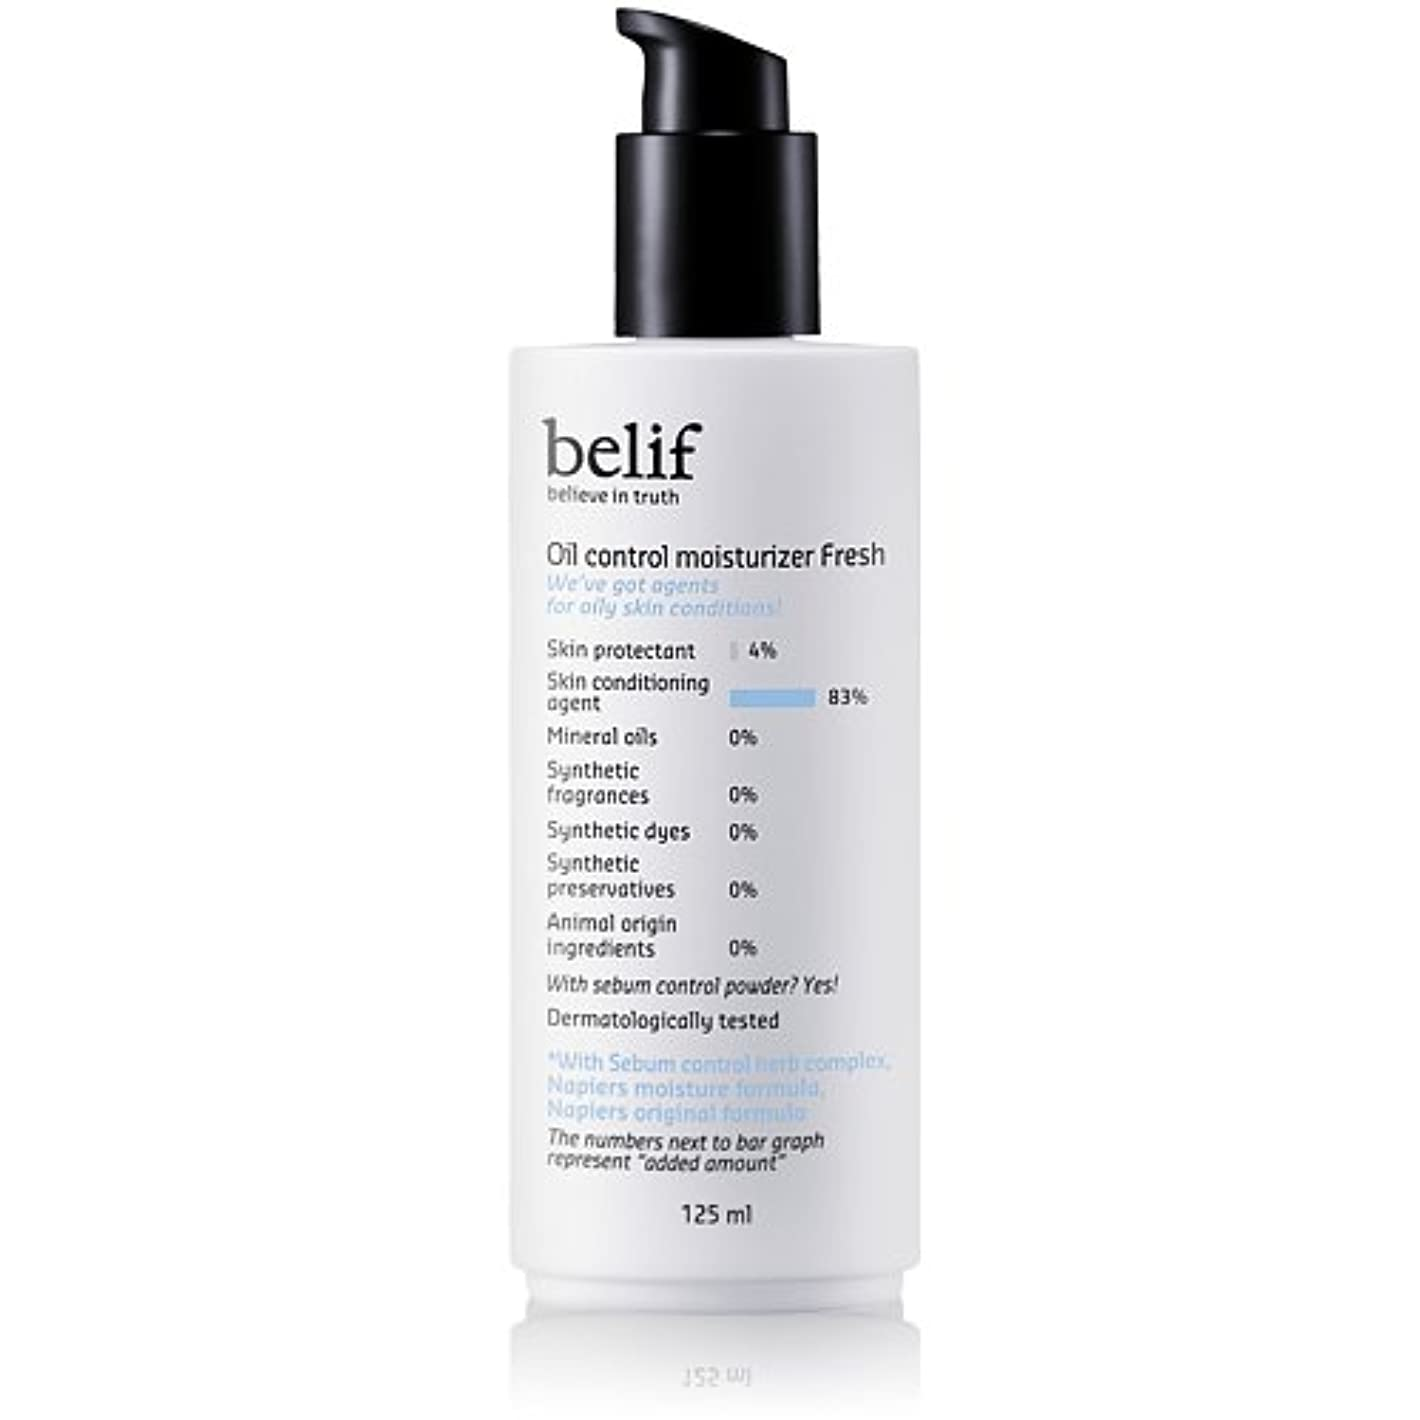 シンプルさ離す真鍮Belif(ビリーフ)Oil control moisturizer fresh 125ml/ビリーフオイルコントロールモイスチャライザーフレッシュ?脂性肌用[韓国コスメ/オーガニックコスメ]